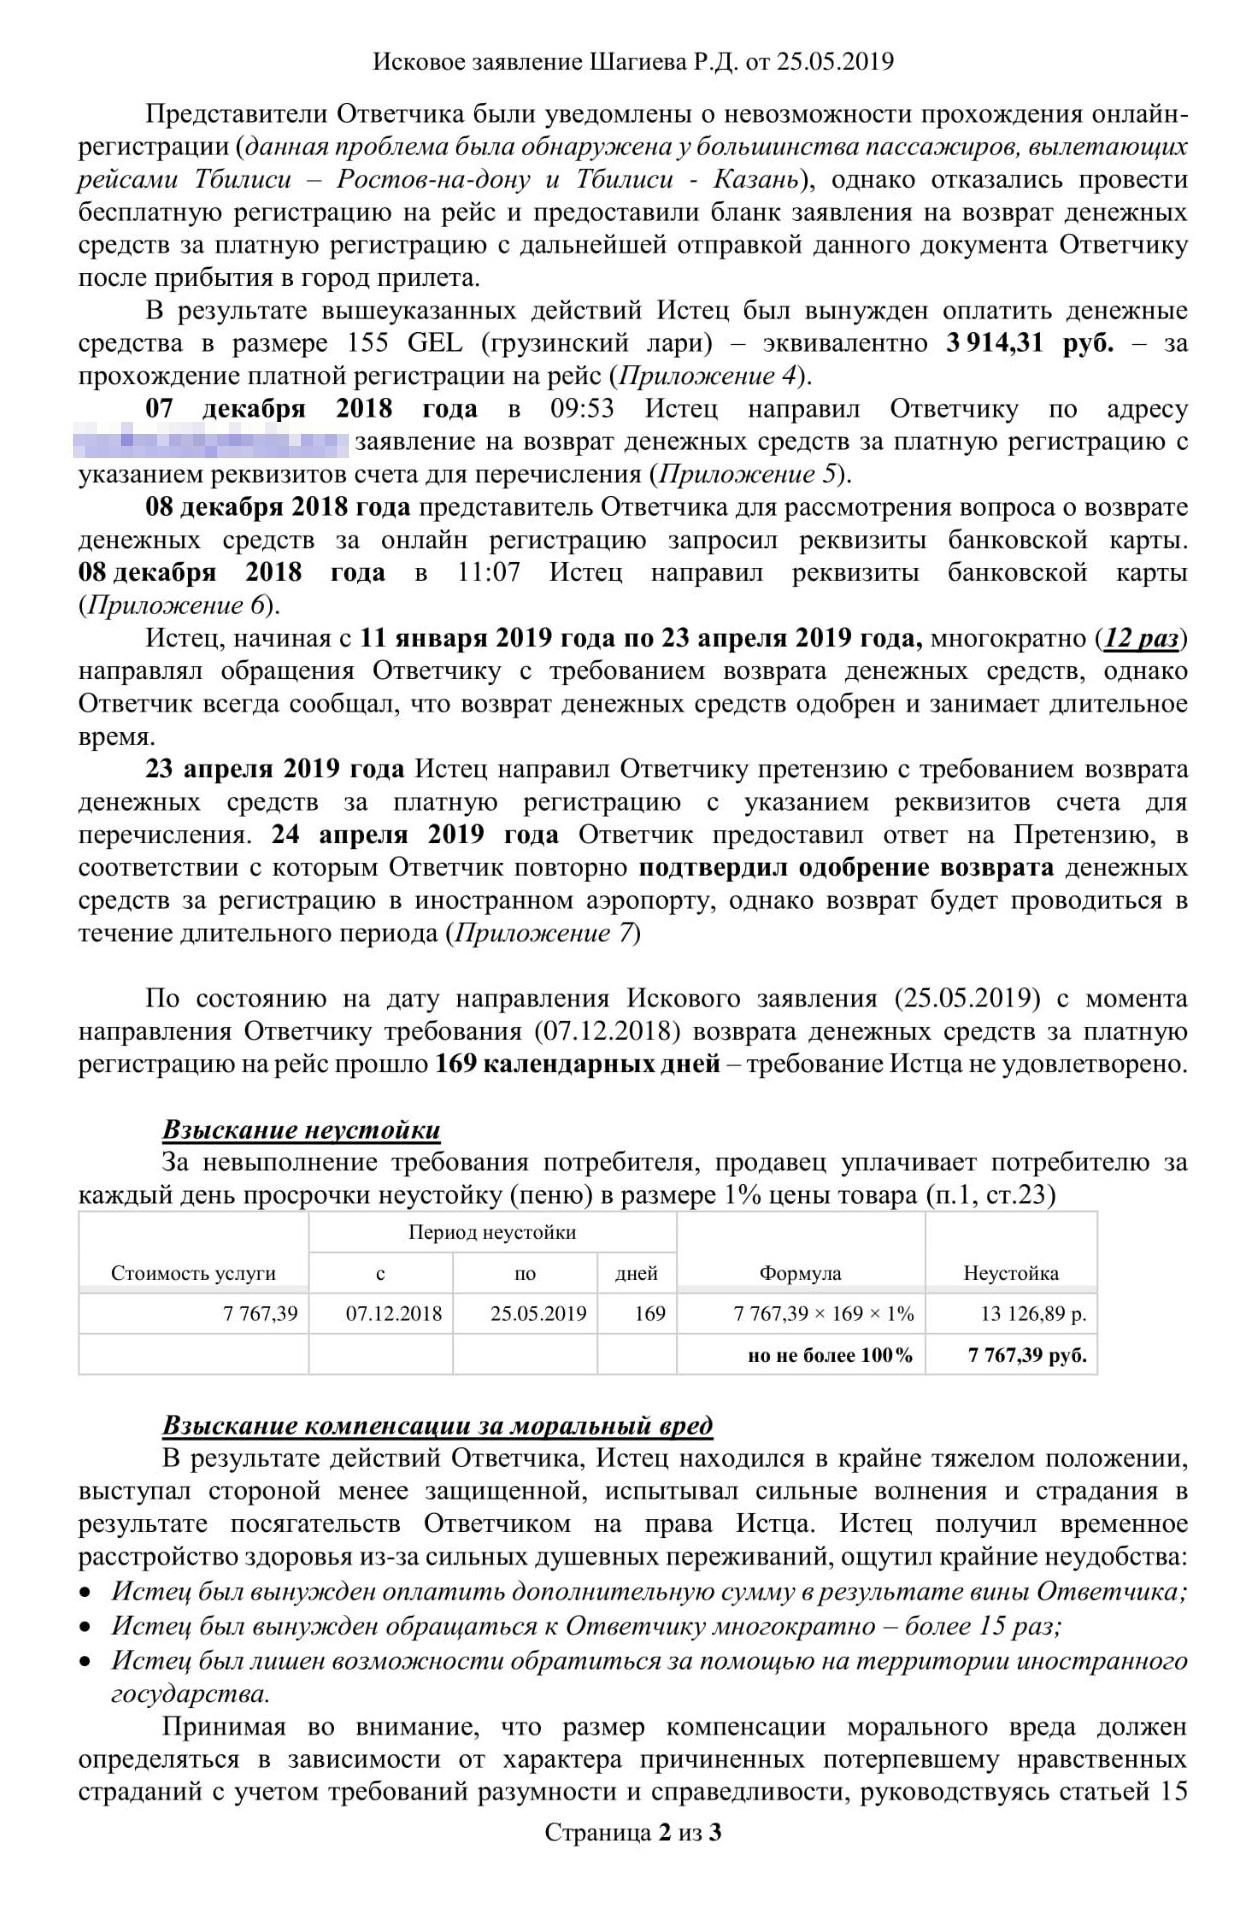 Текст моего искового заявления в московский суд